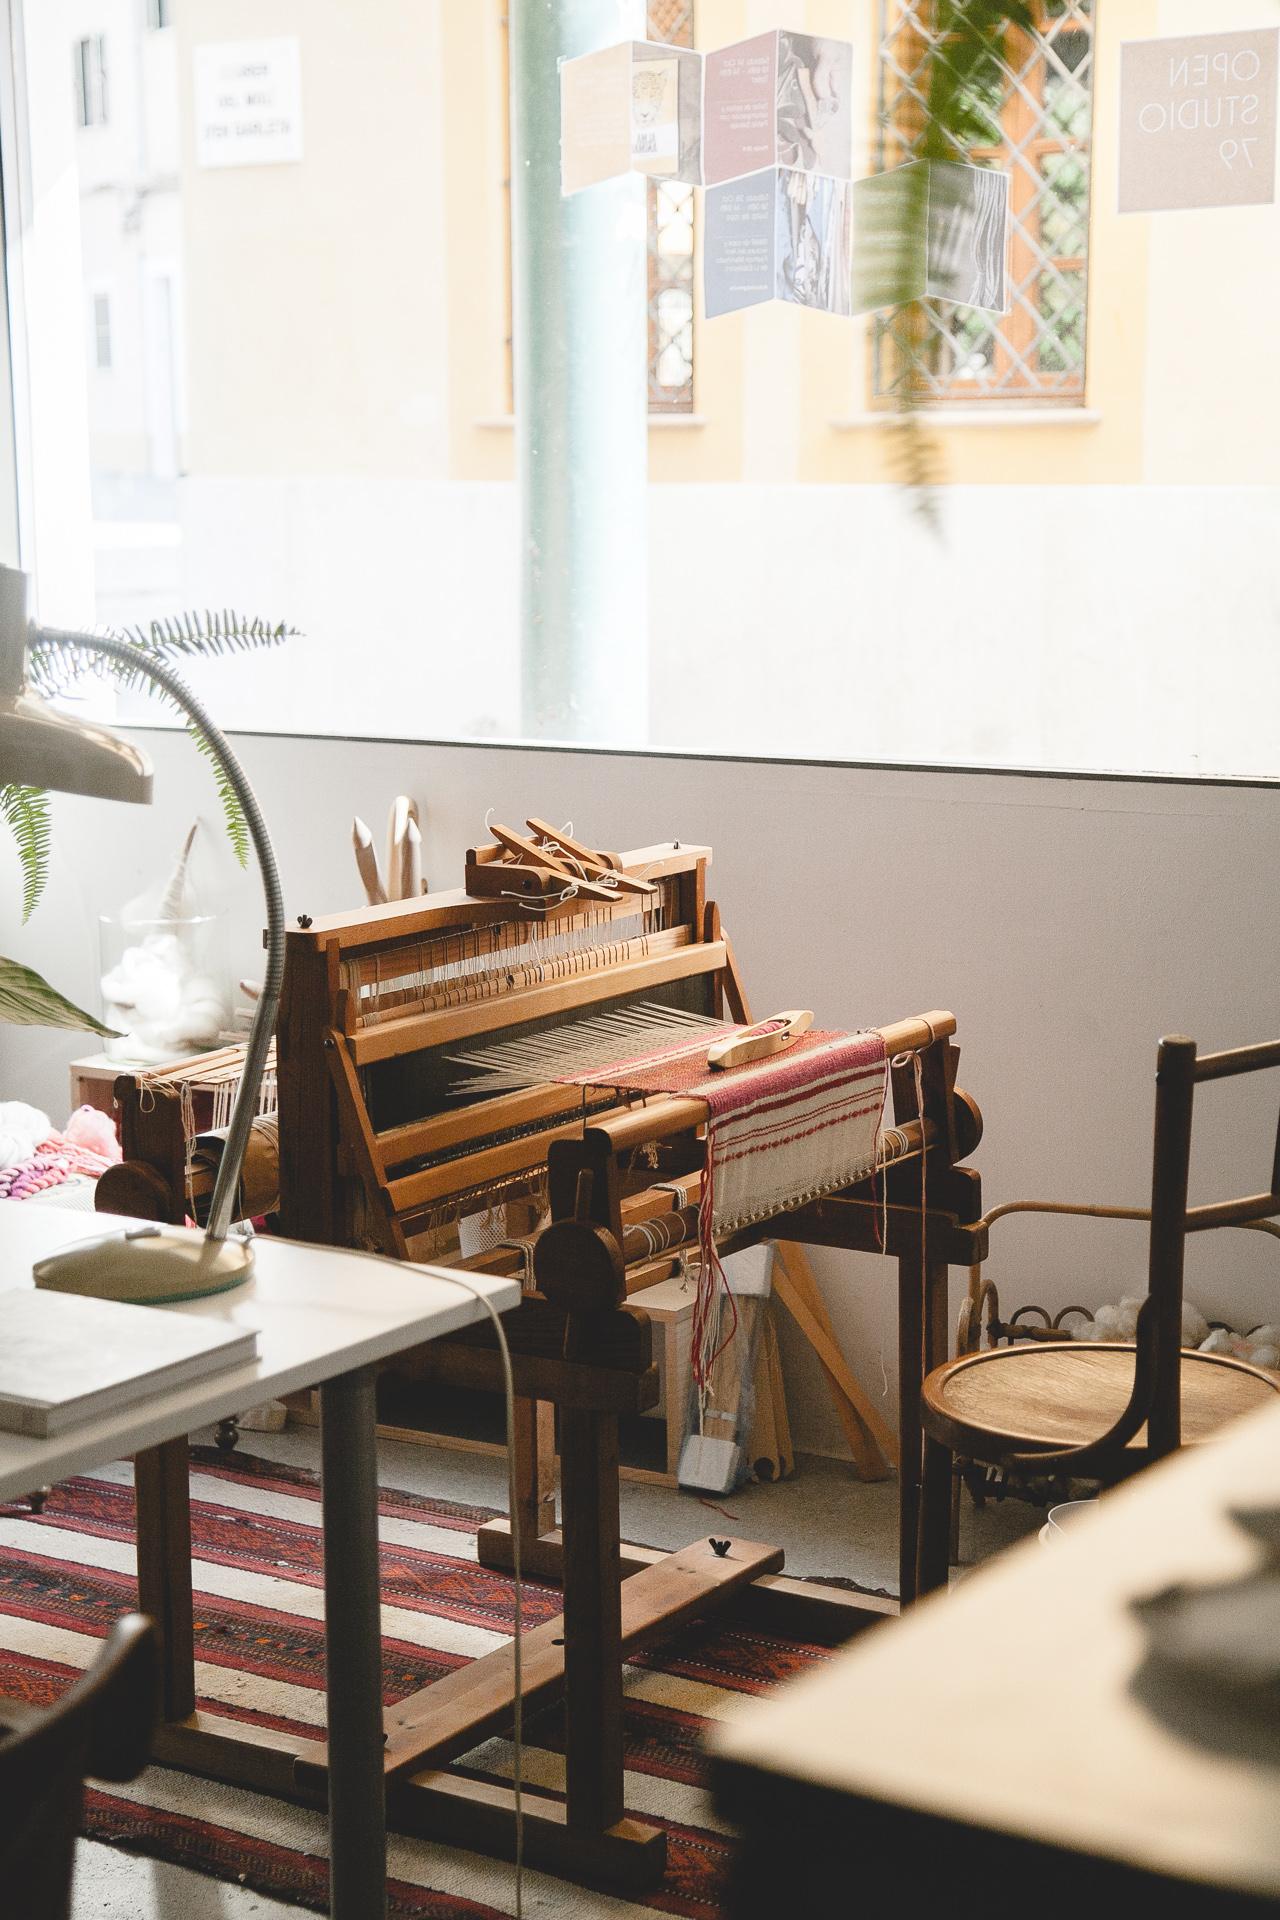 an-die-natur-cover-workshops.jpg